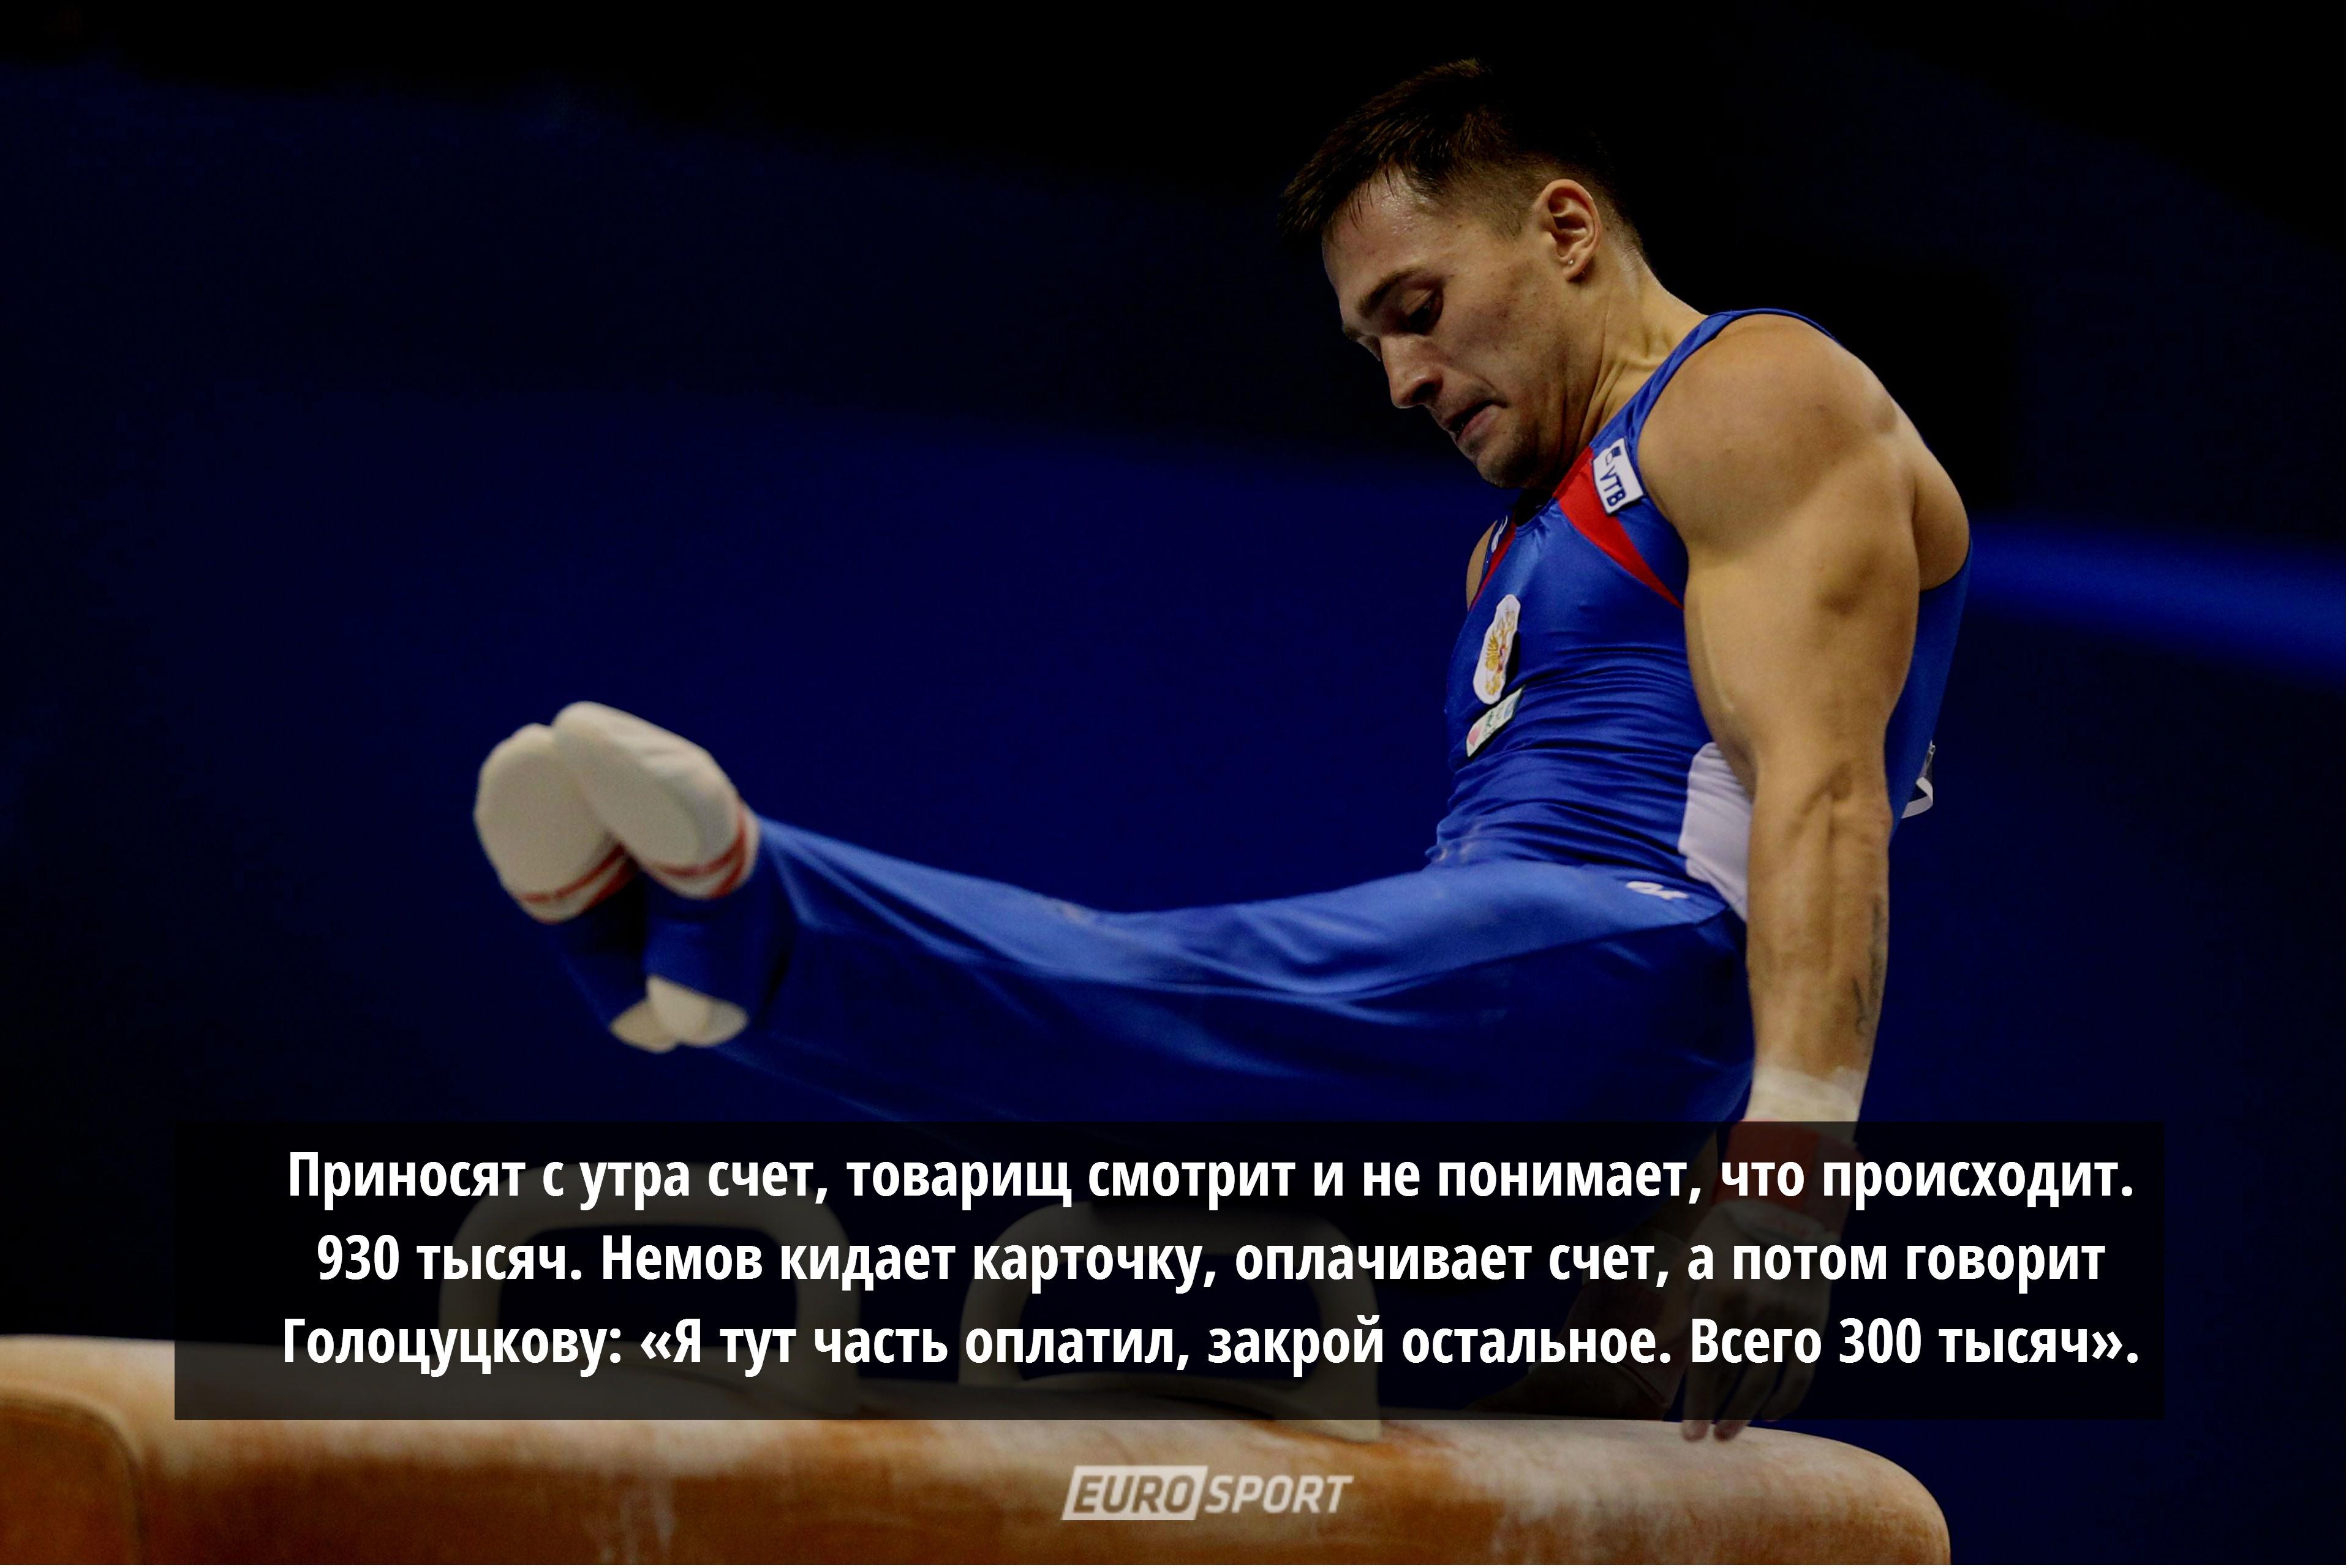 dlya-sportivniy-seks-gimnastika-porno